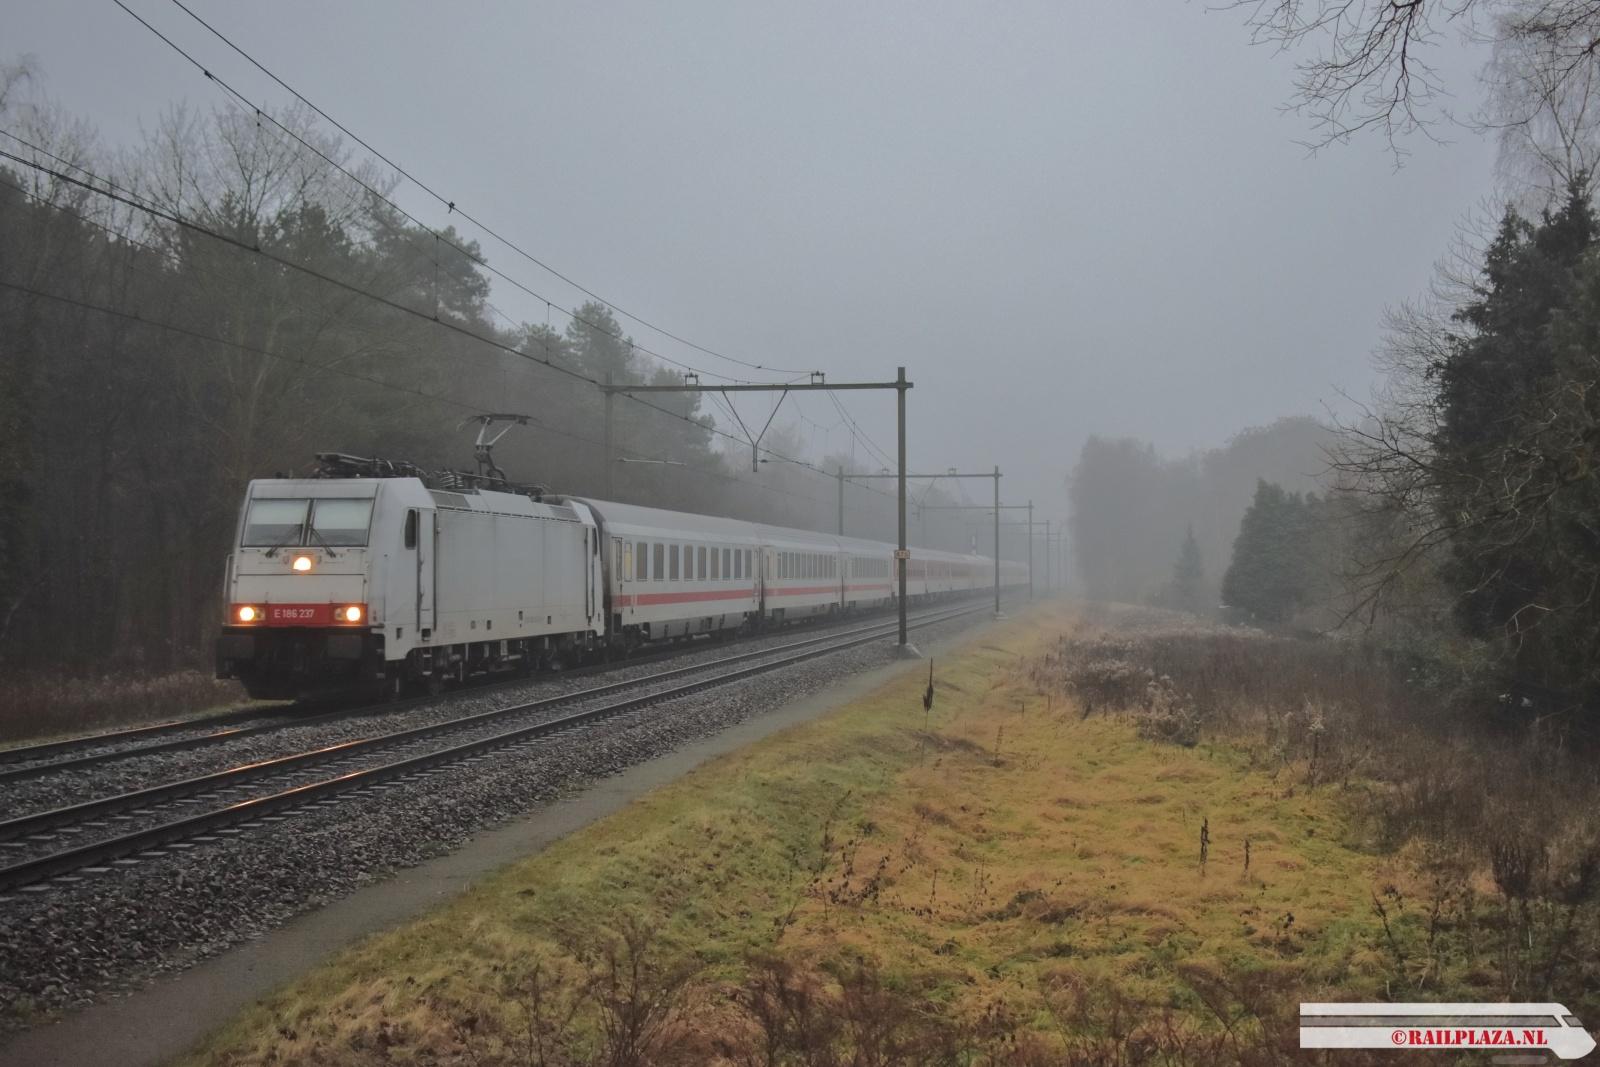 186 237 - Driebergen-Zeist